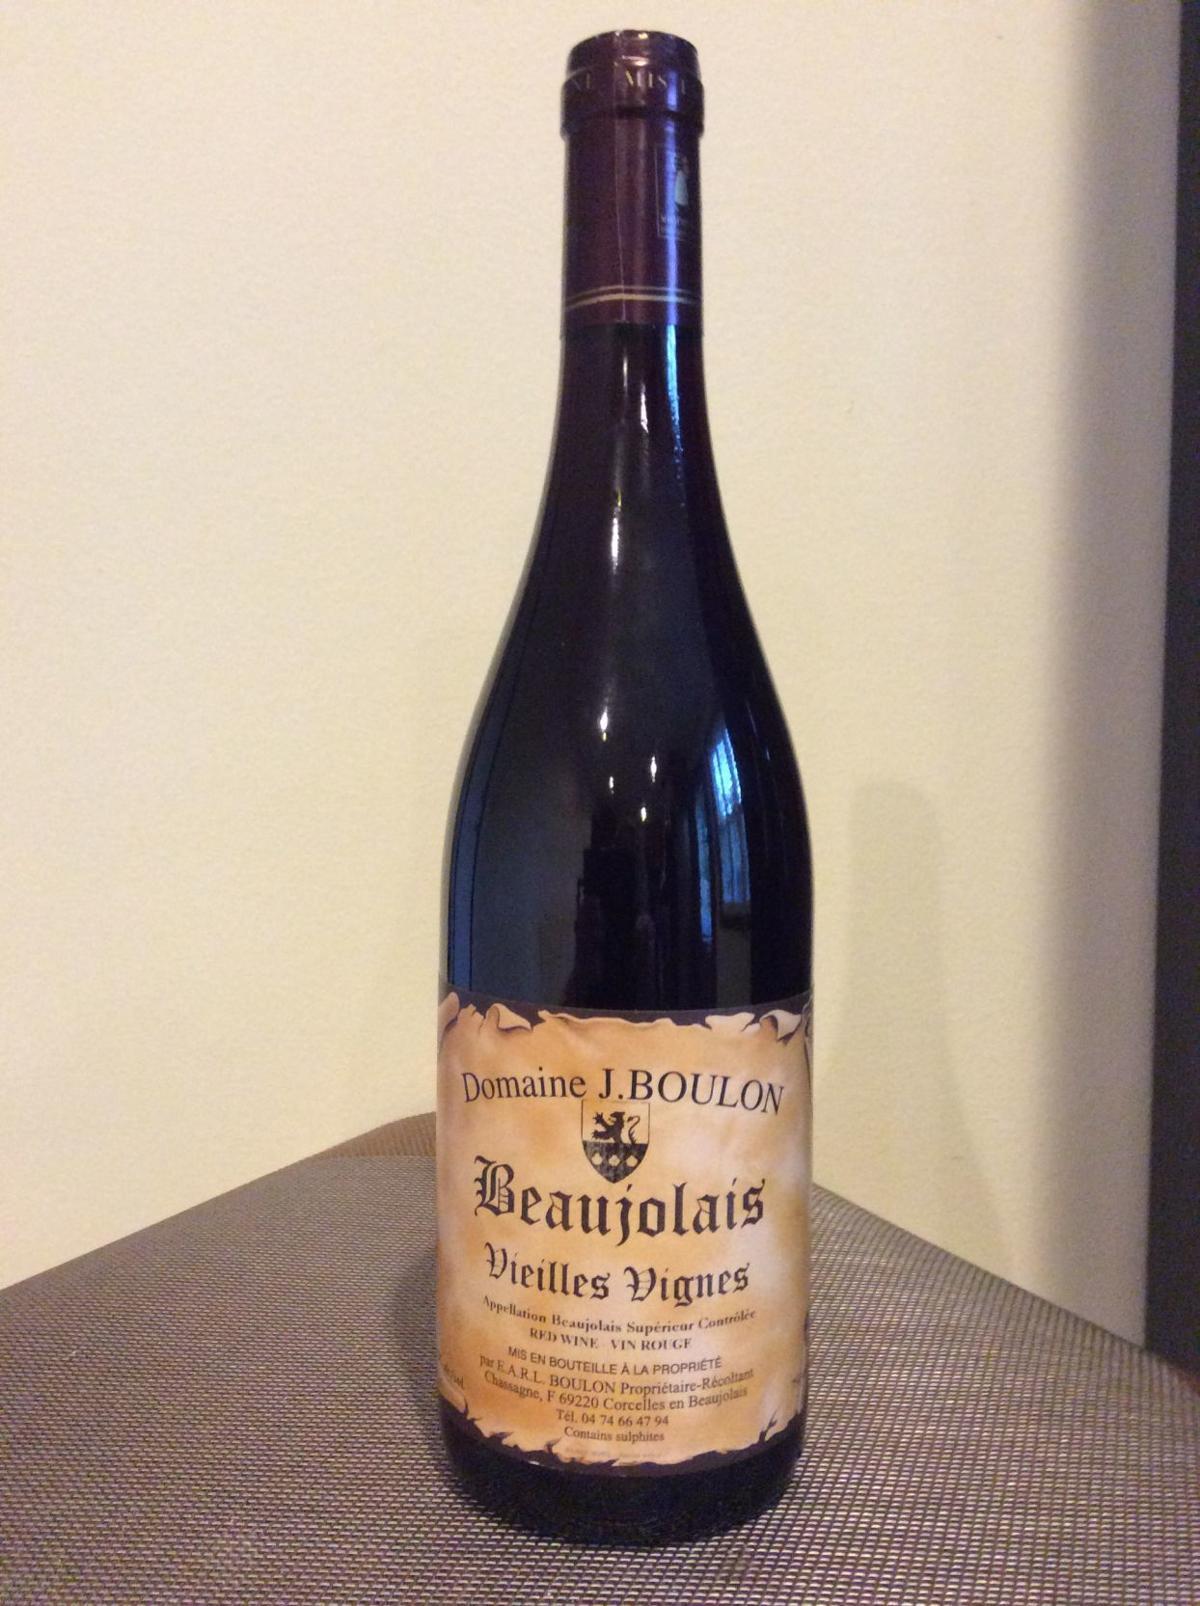 Domaine J. Boulon 2017 Beaujolais Vieilles Vignes, Beaujolais Supérieur, France